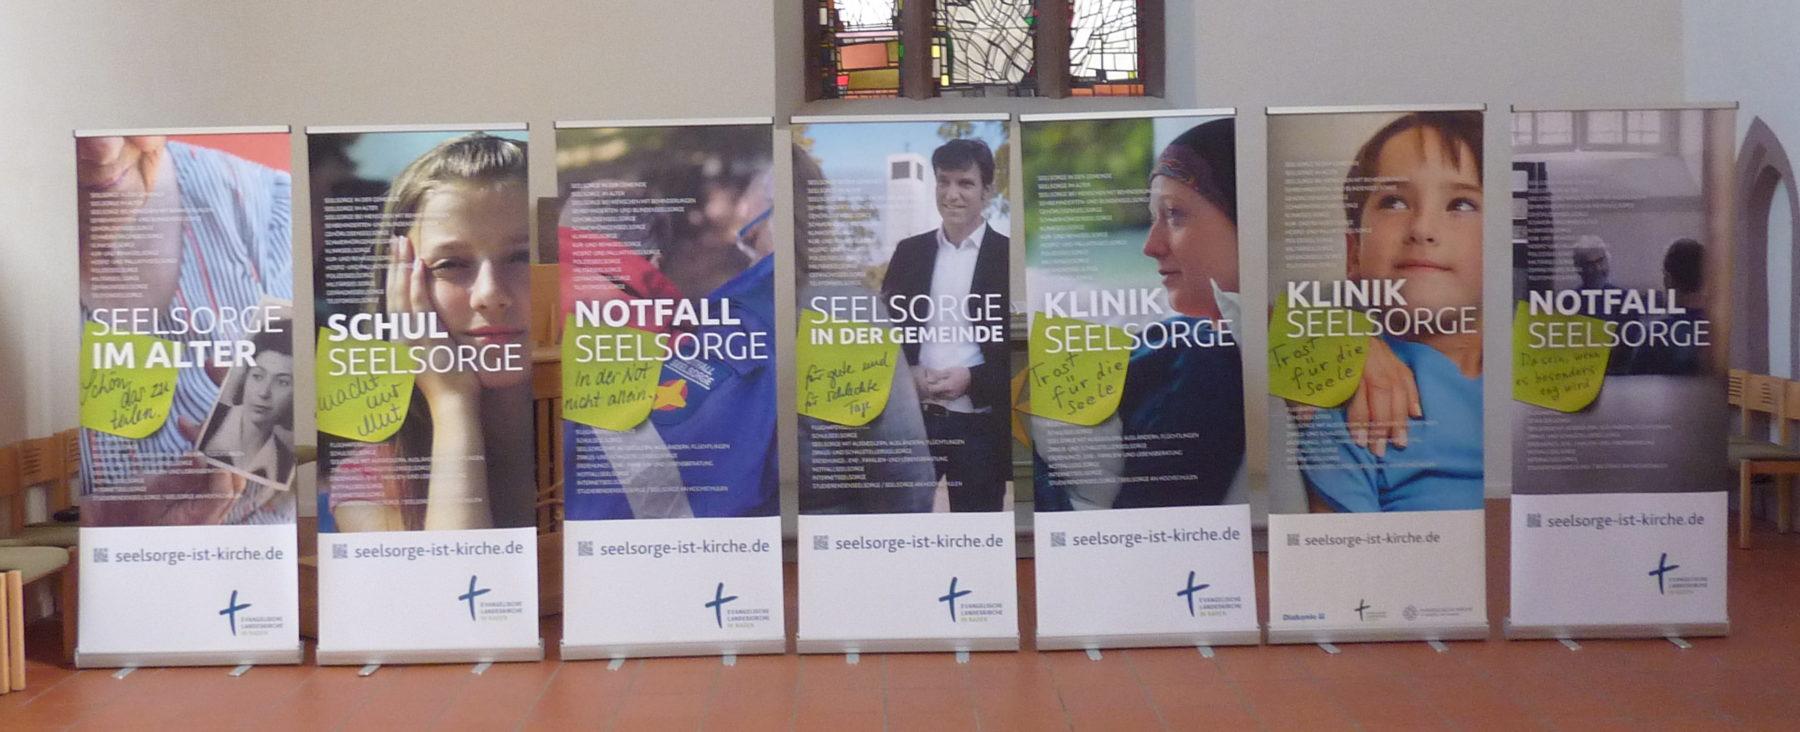 Evangelischer Kirchenbezirk Villingen